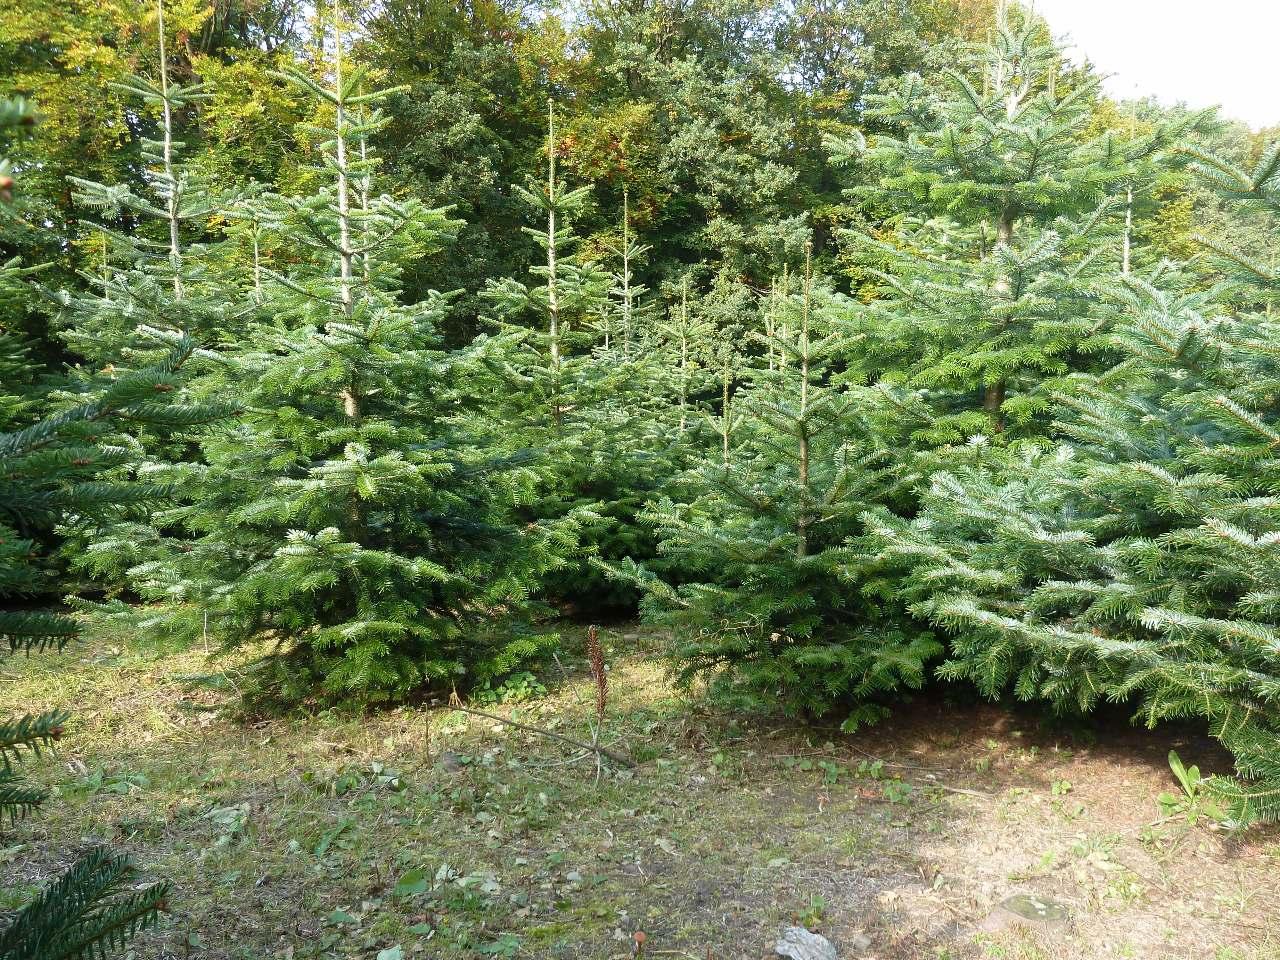 Willkommen weihnachtsbaum nix for Weihnachtsbaum arten